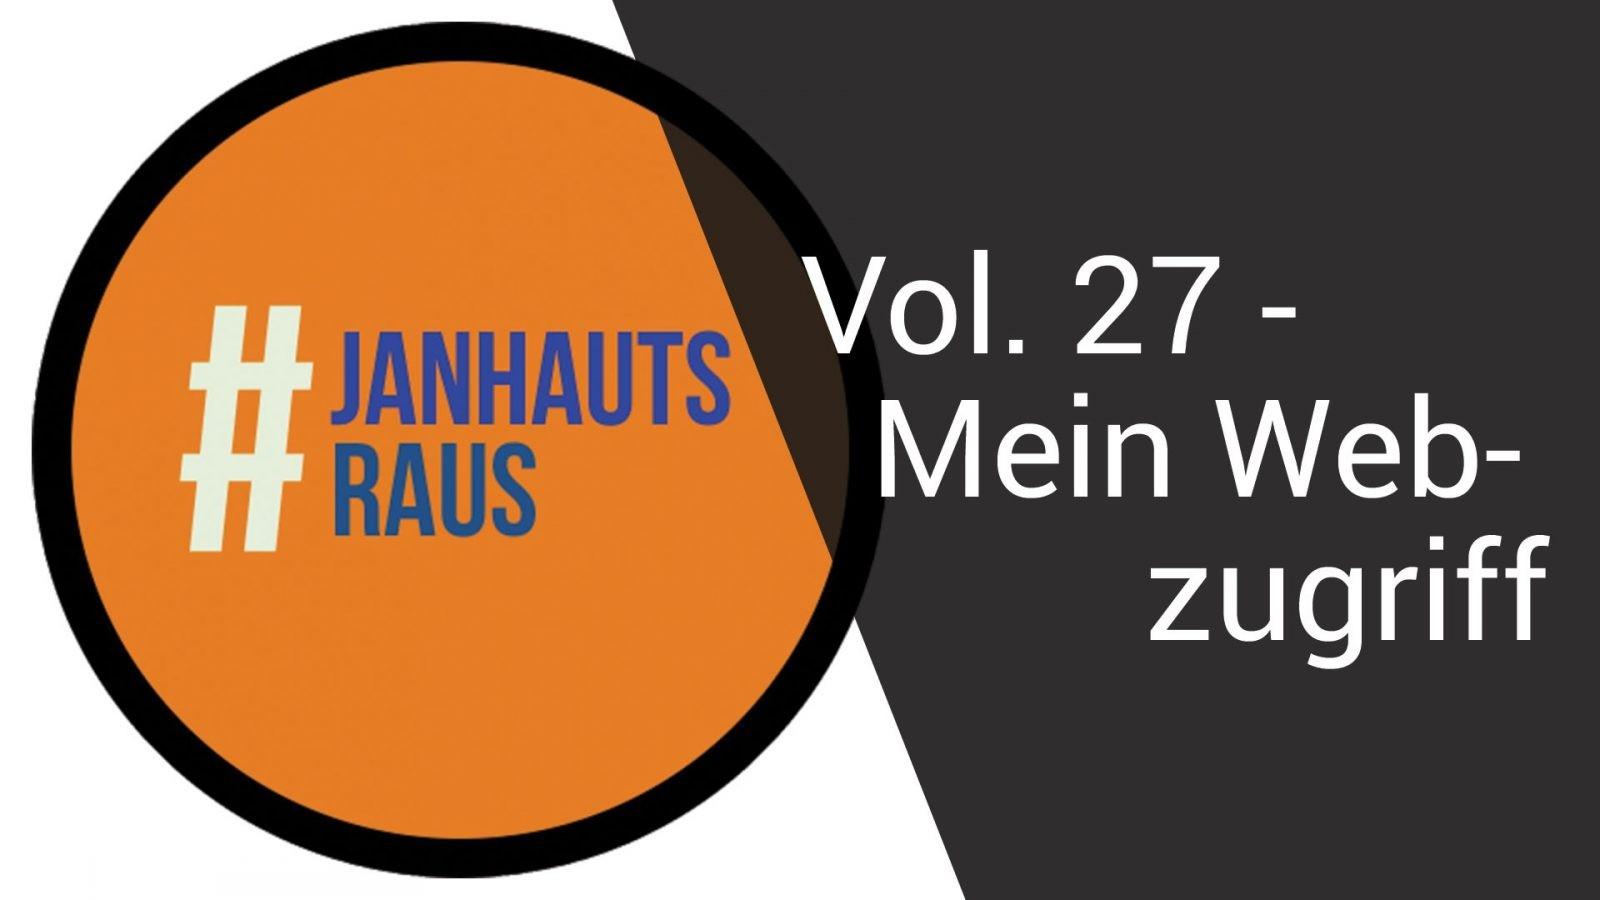 #janhautraus - Vol. 27 - Mein Webzugriff